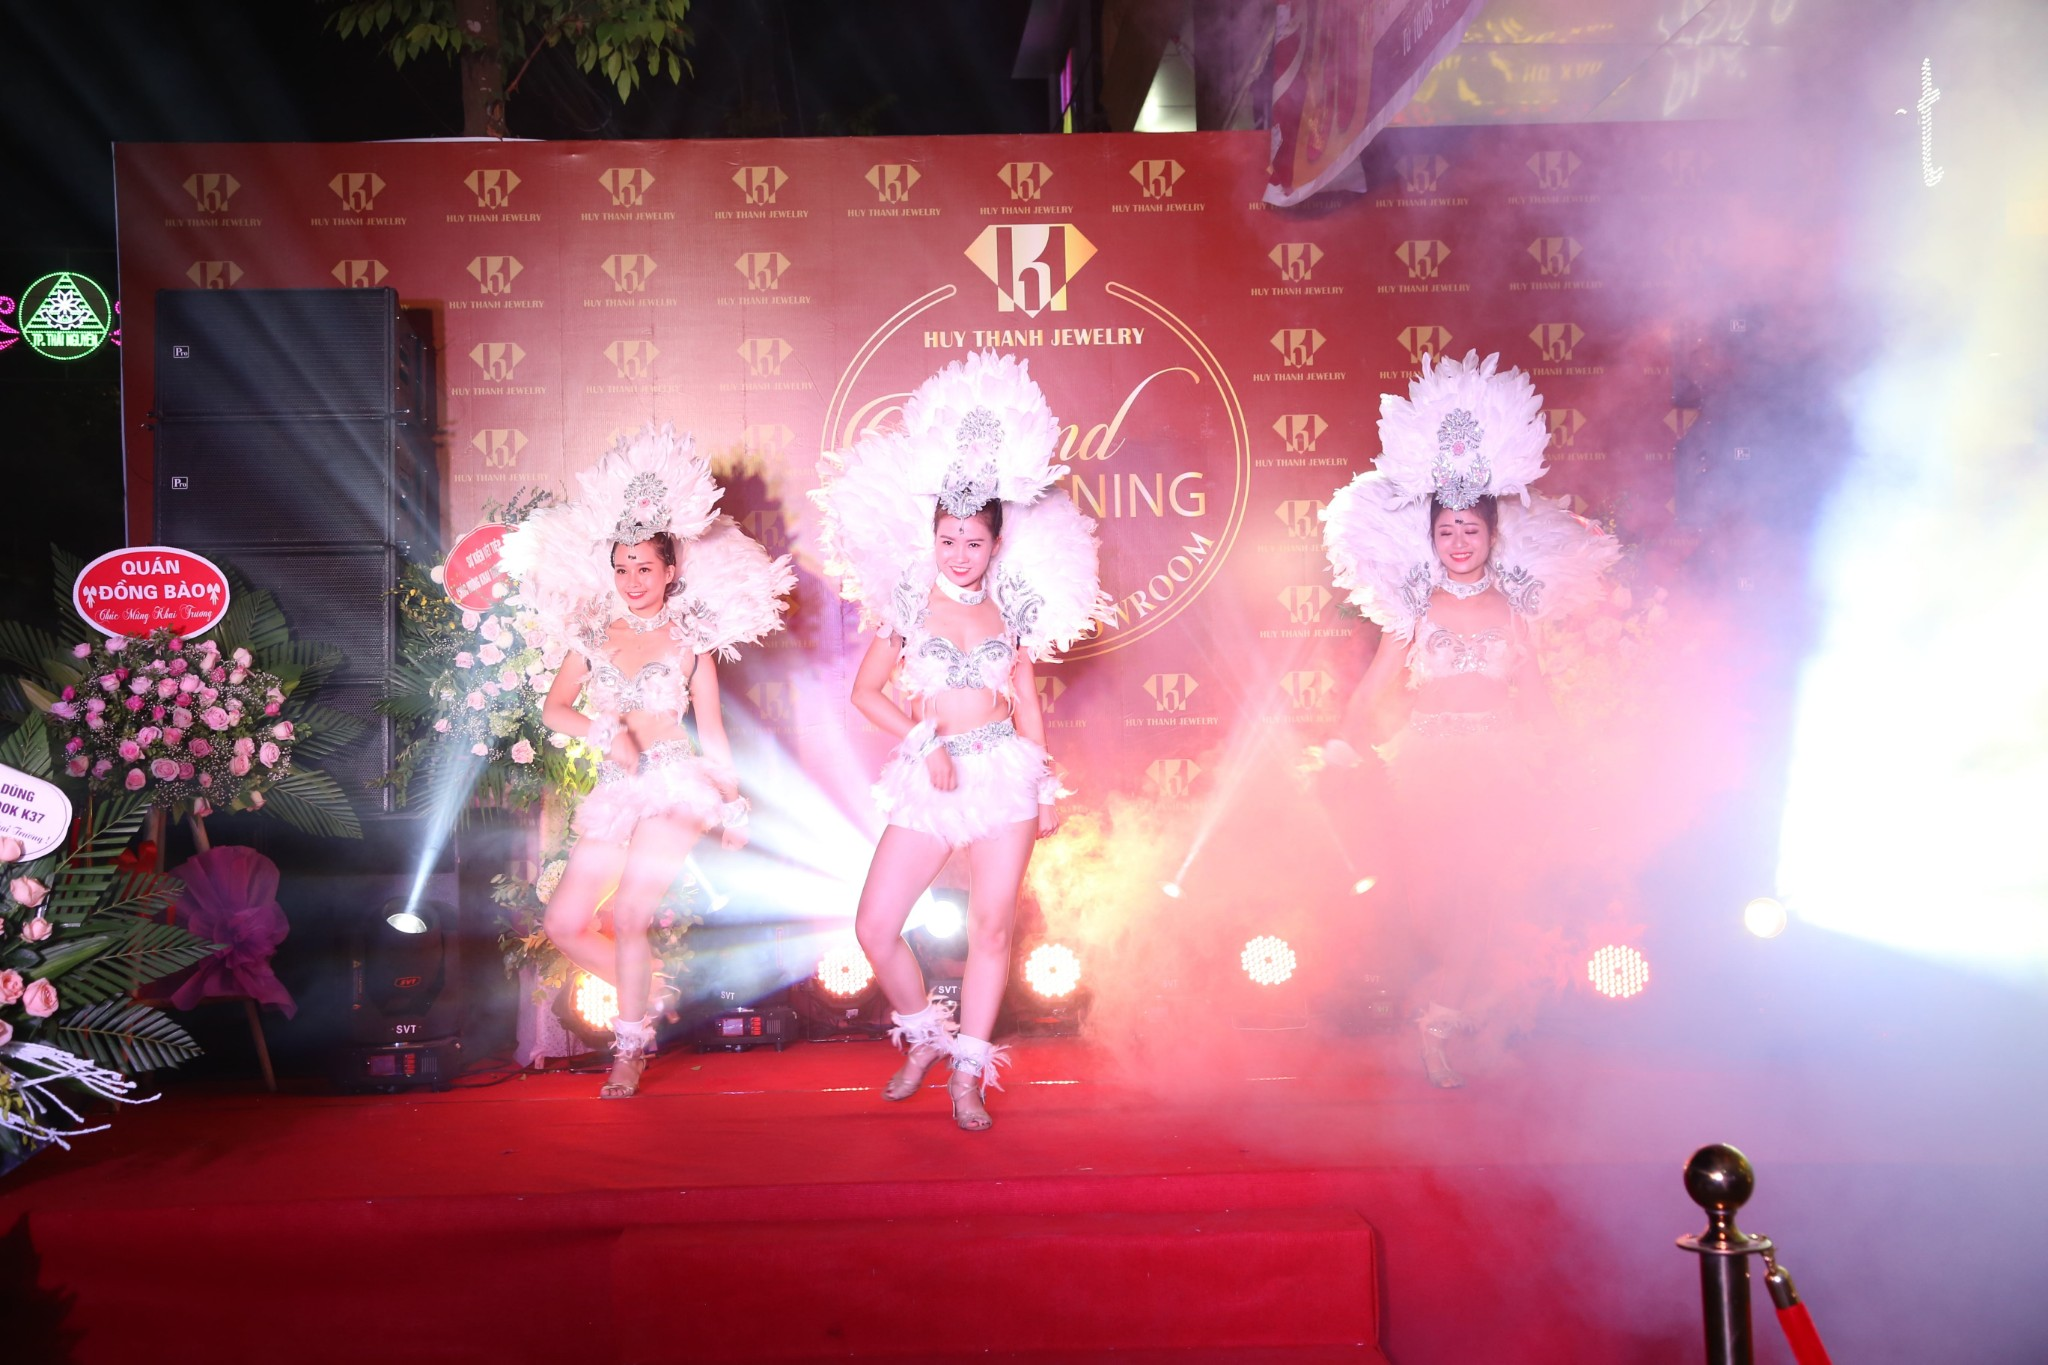 Giới trẻ Thái Nguyên háo hức chào đón sự kiện khai trương Huy Thanh Jewelry - Ảnh 3.